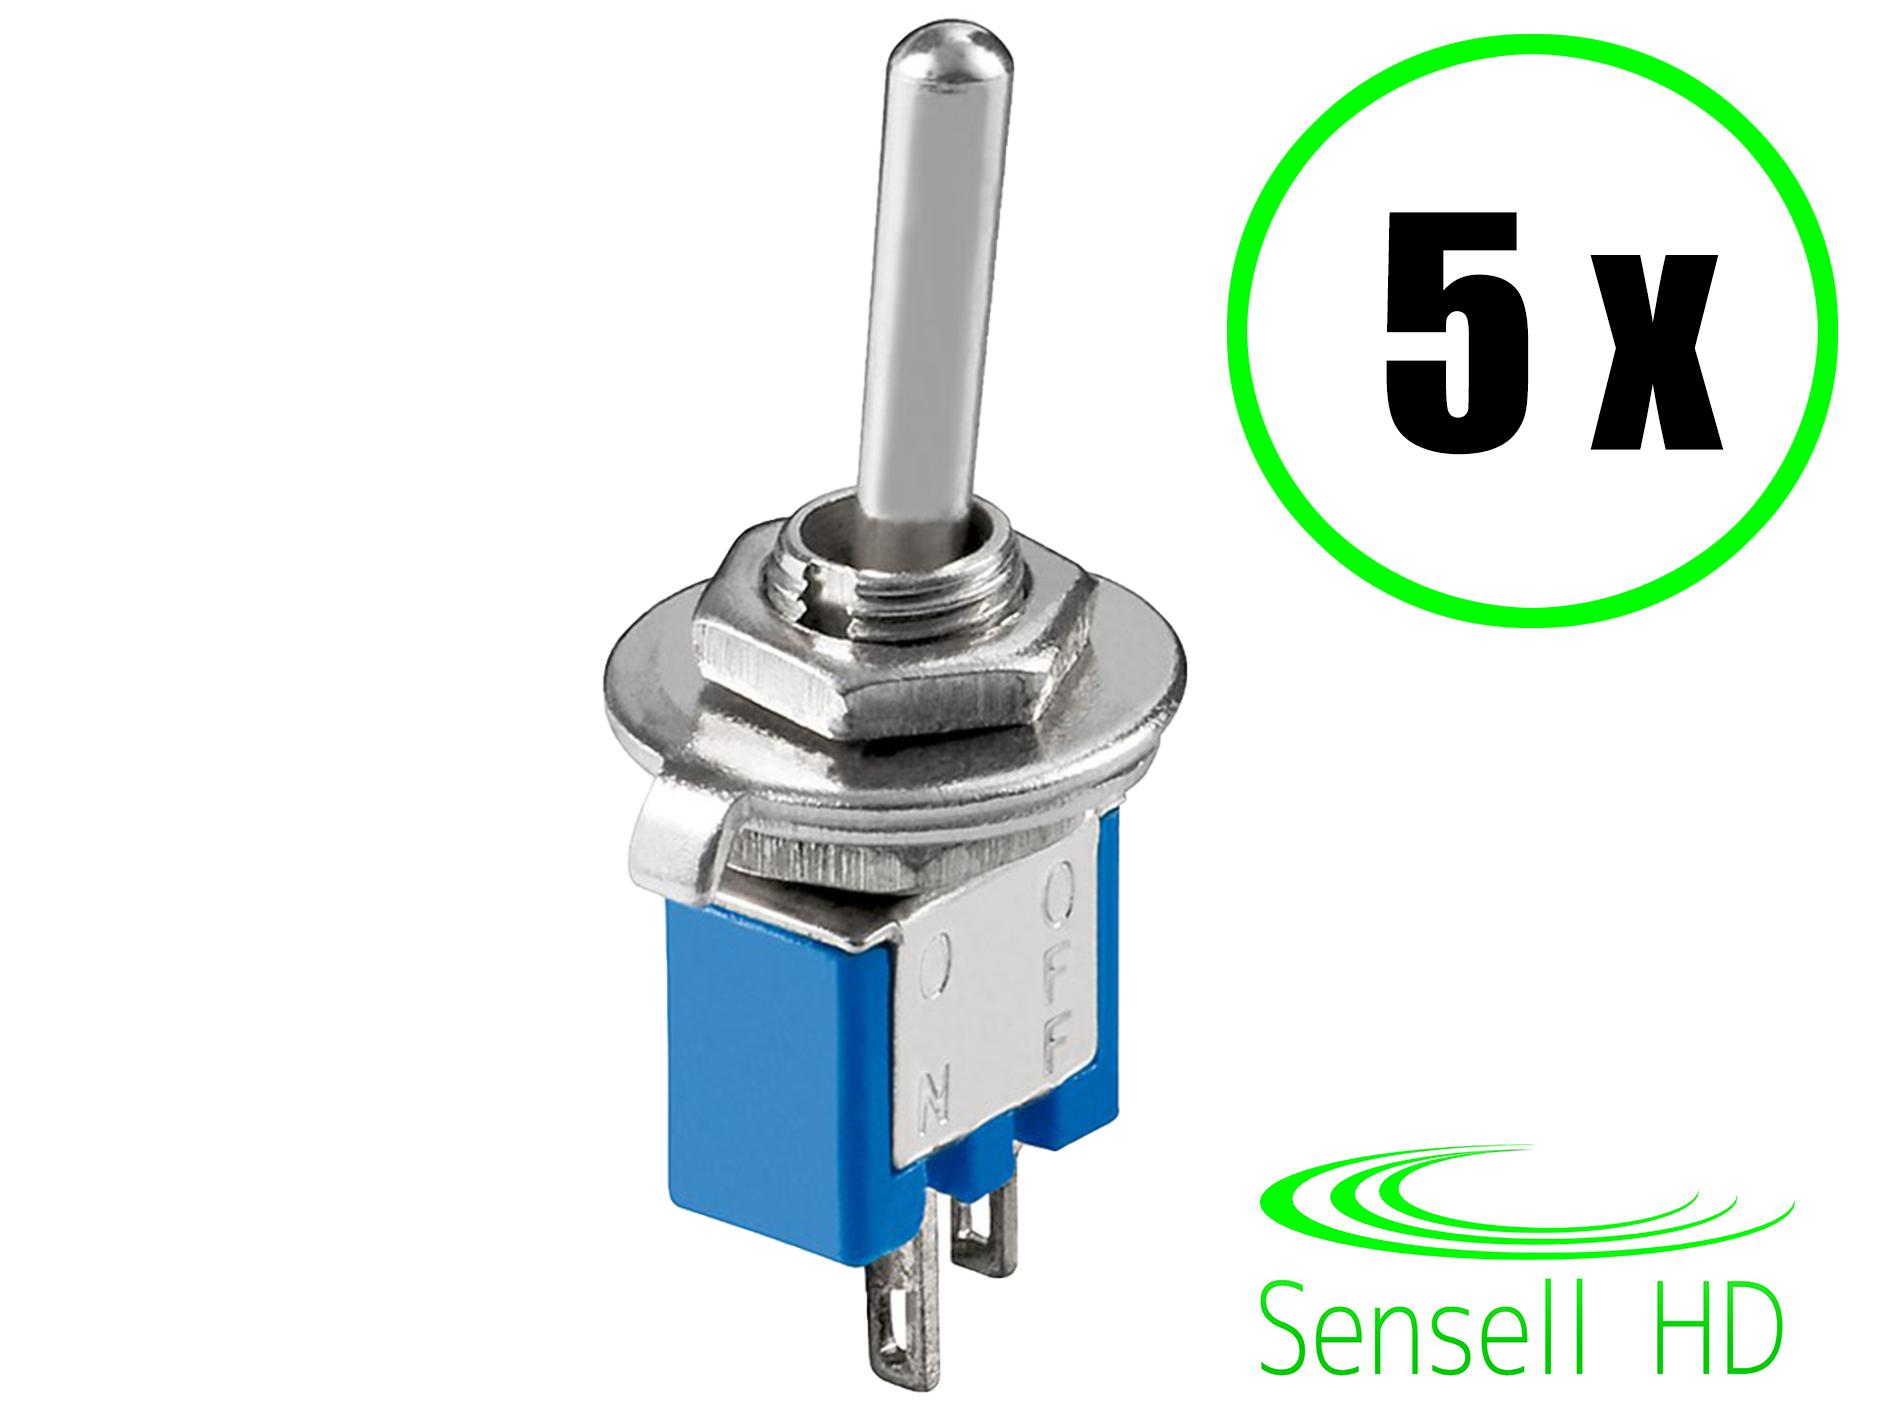 5x Kippschalter Subminiatur Hebelschalter Miniatur Schalter Ein//Aus 2 Pins